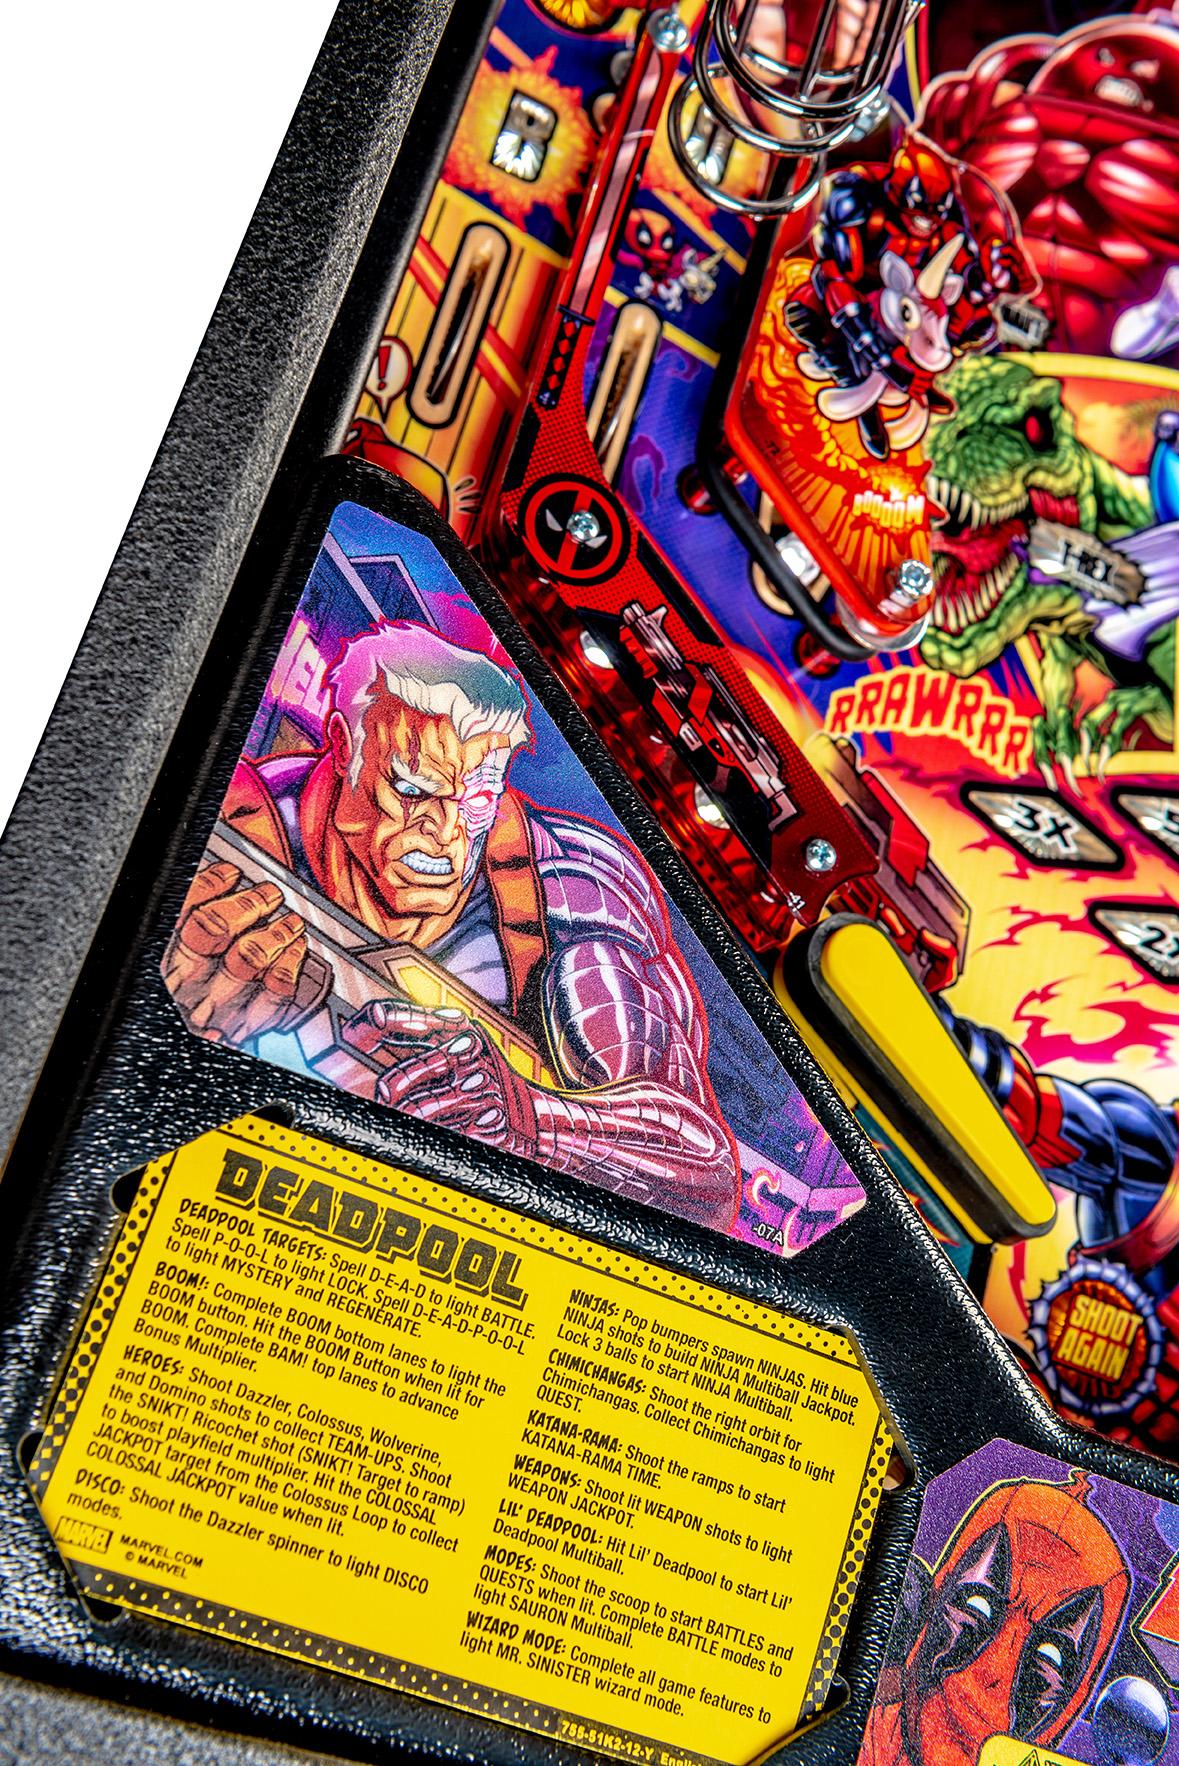 Deadpool-Pro-Details-16